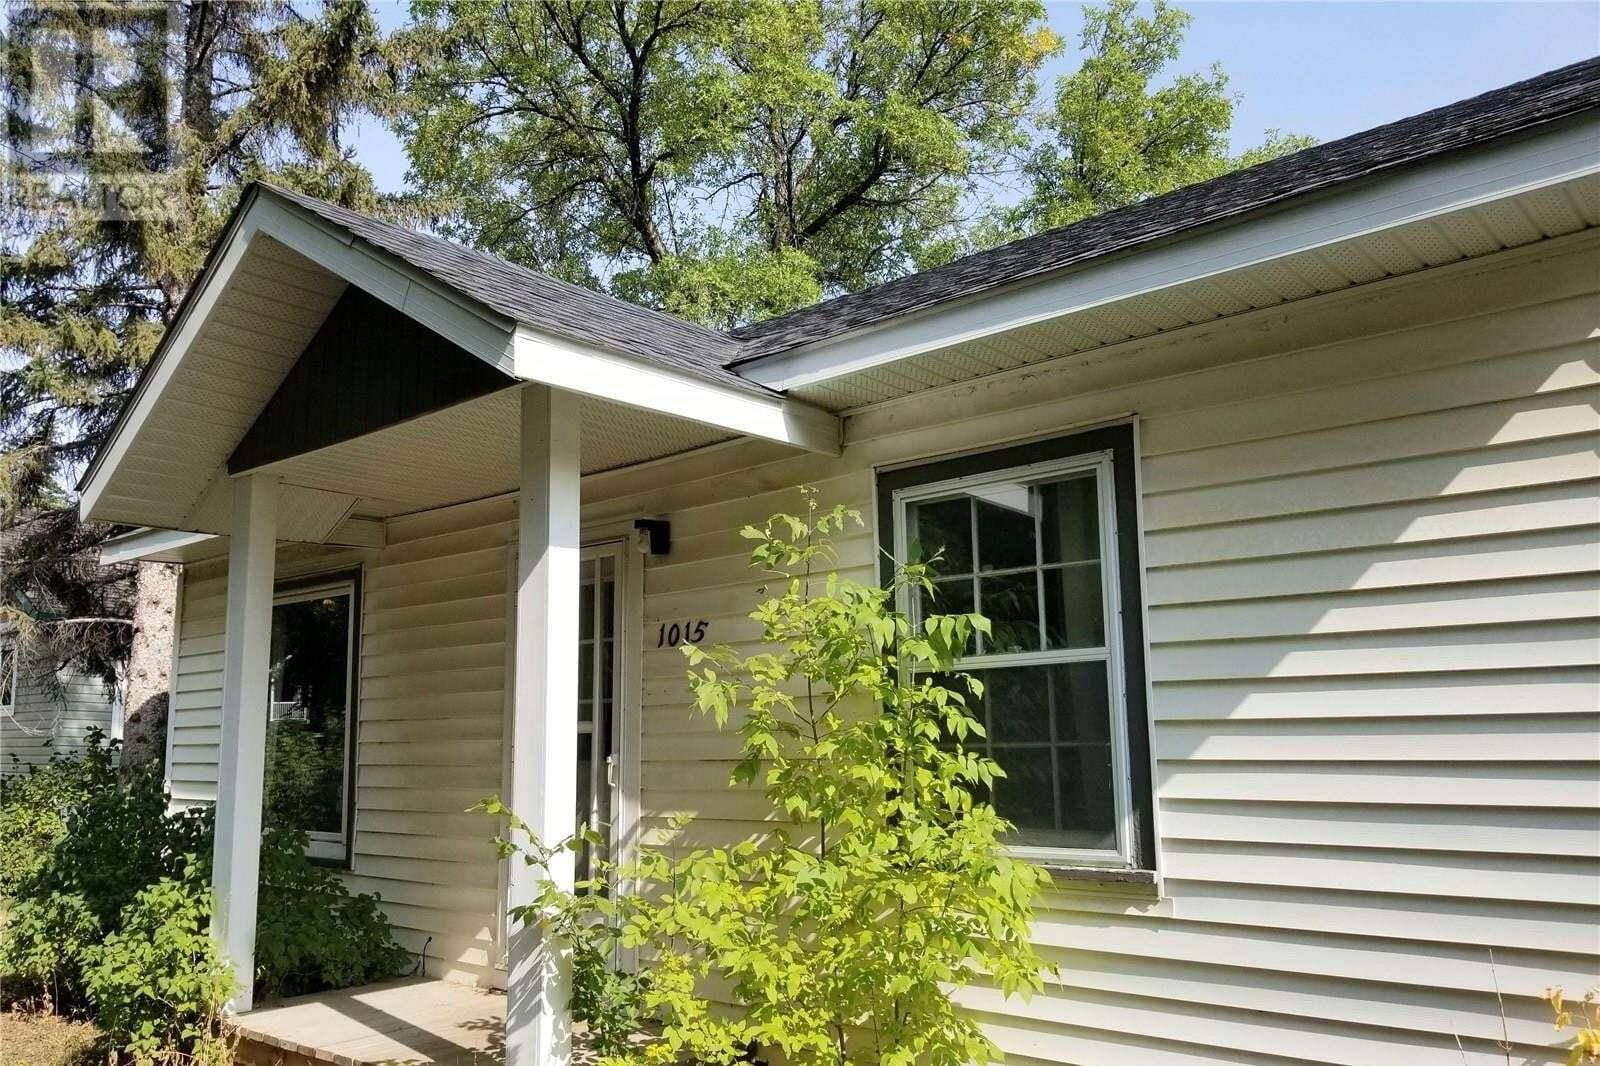 House for sale at 1015 Algoma Ave Moose Jaw Saskatchewan - MLS: SK827448